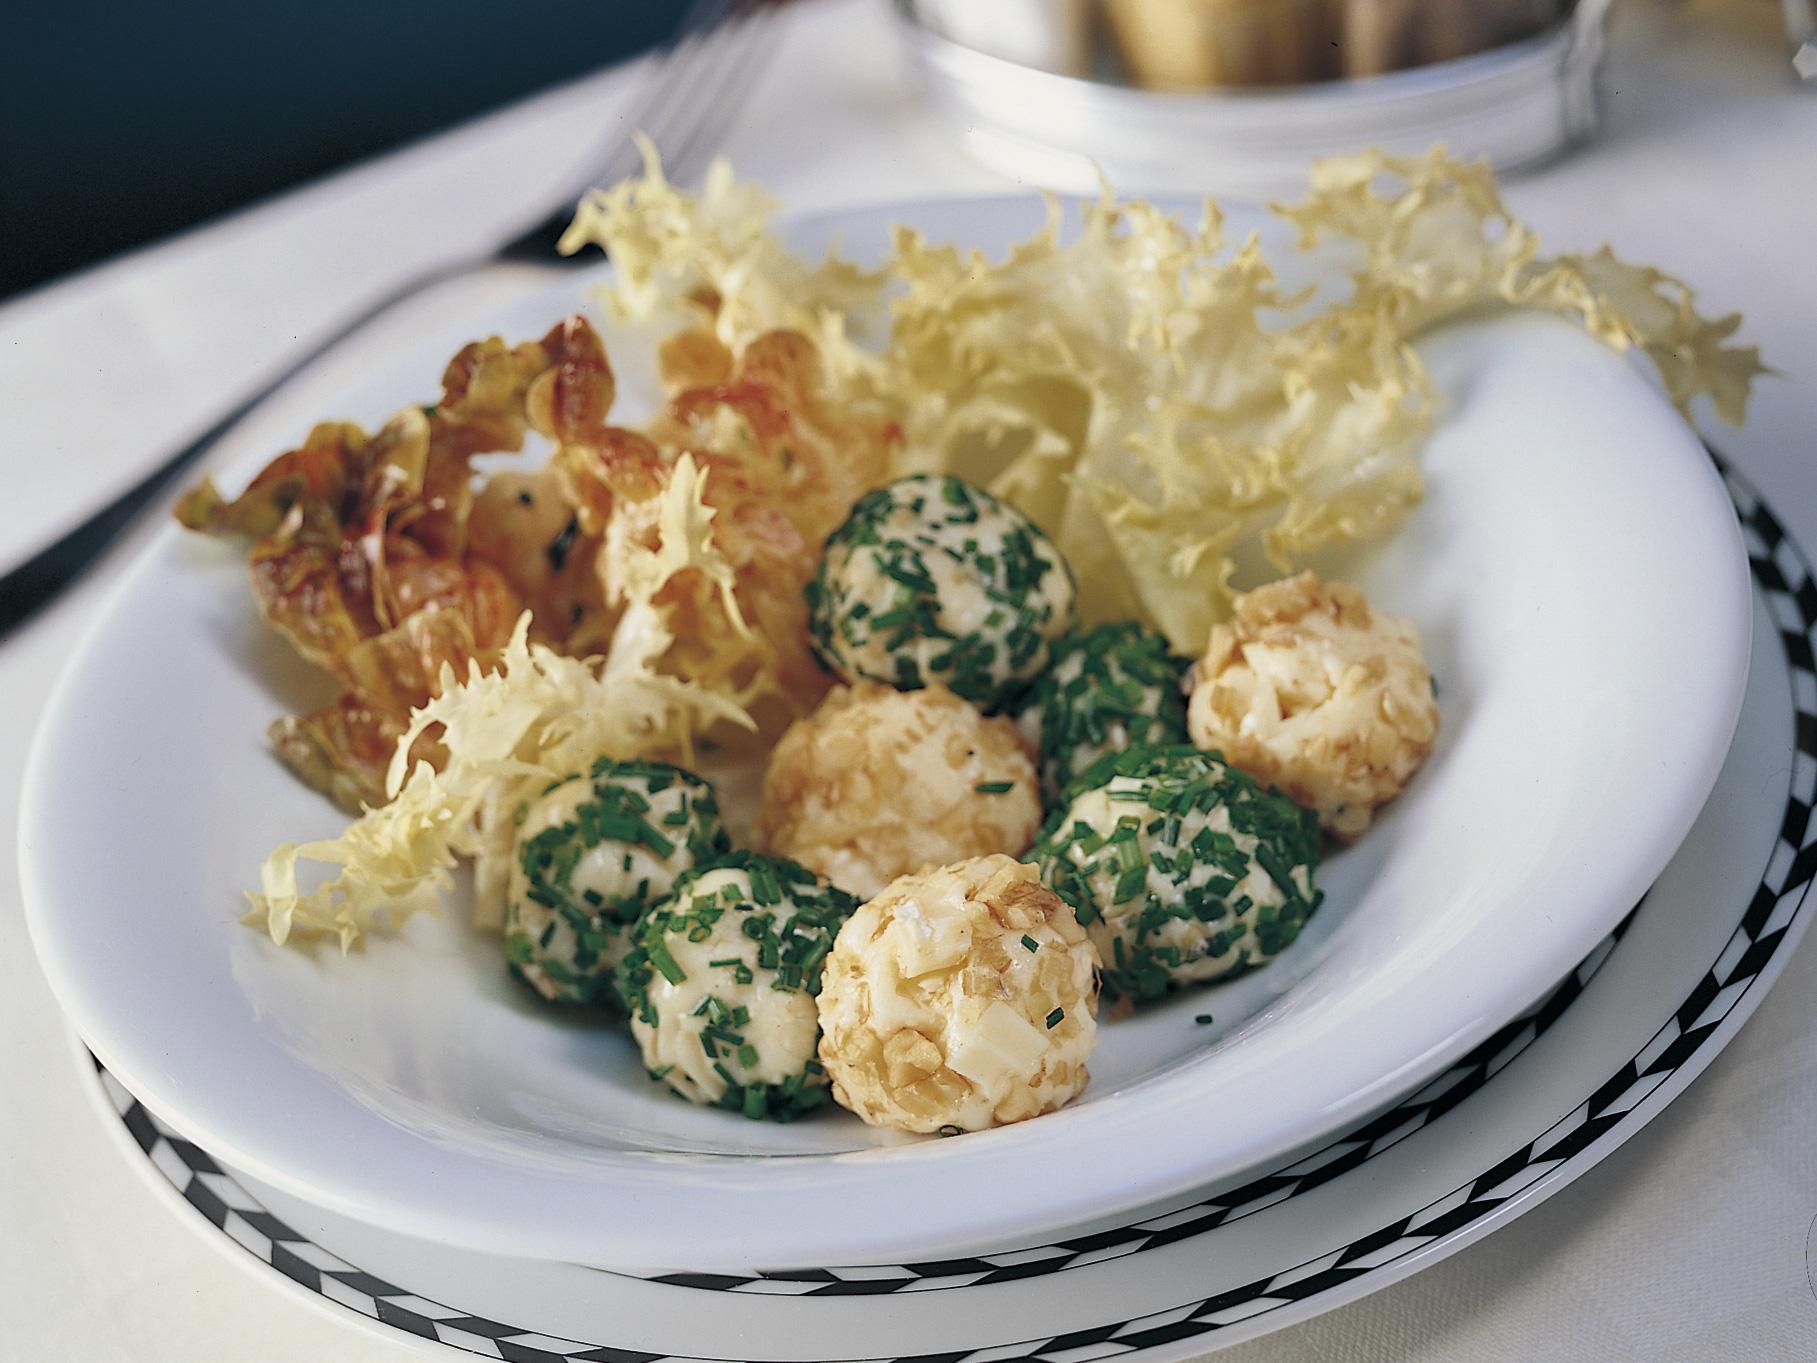 Boulettes au fromage et salade verte